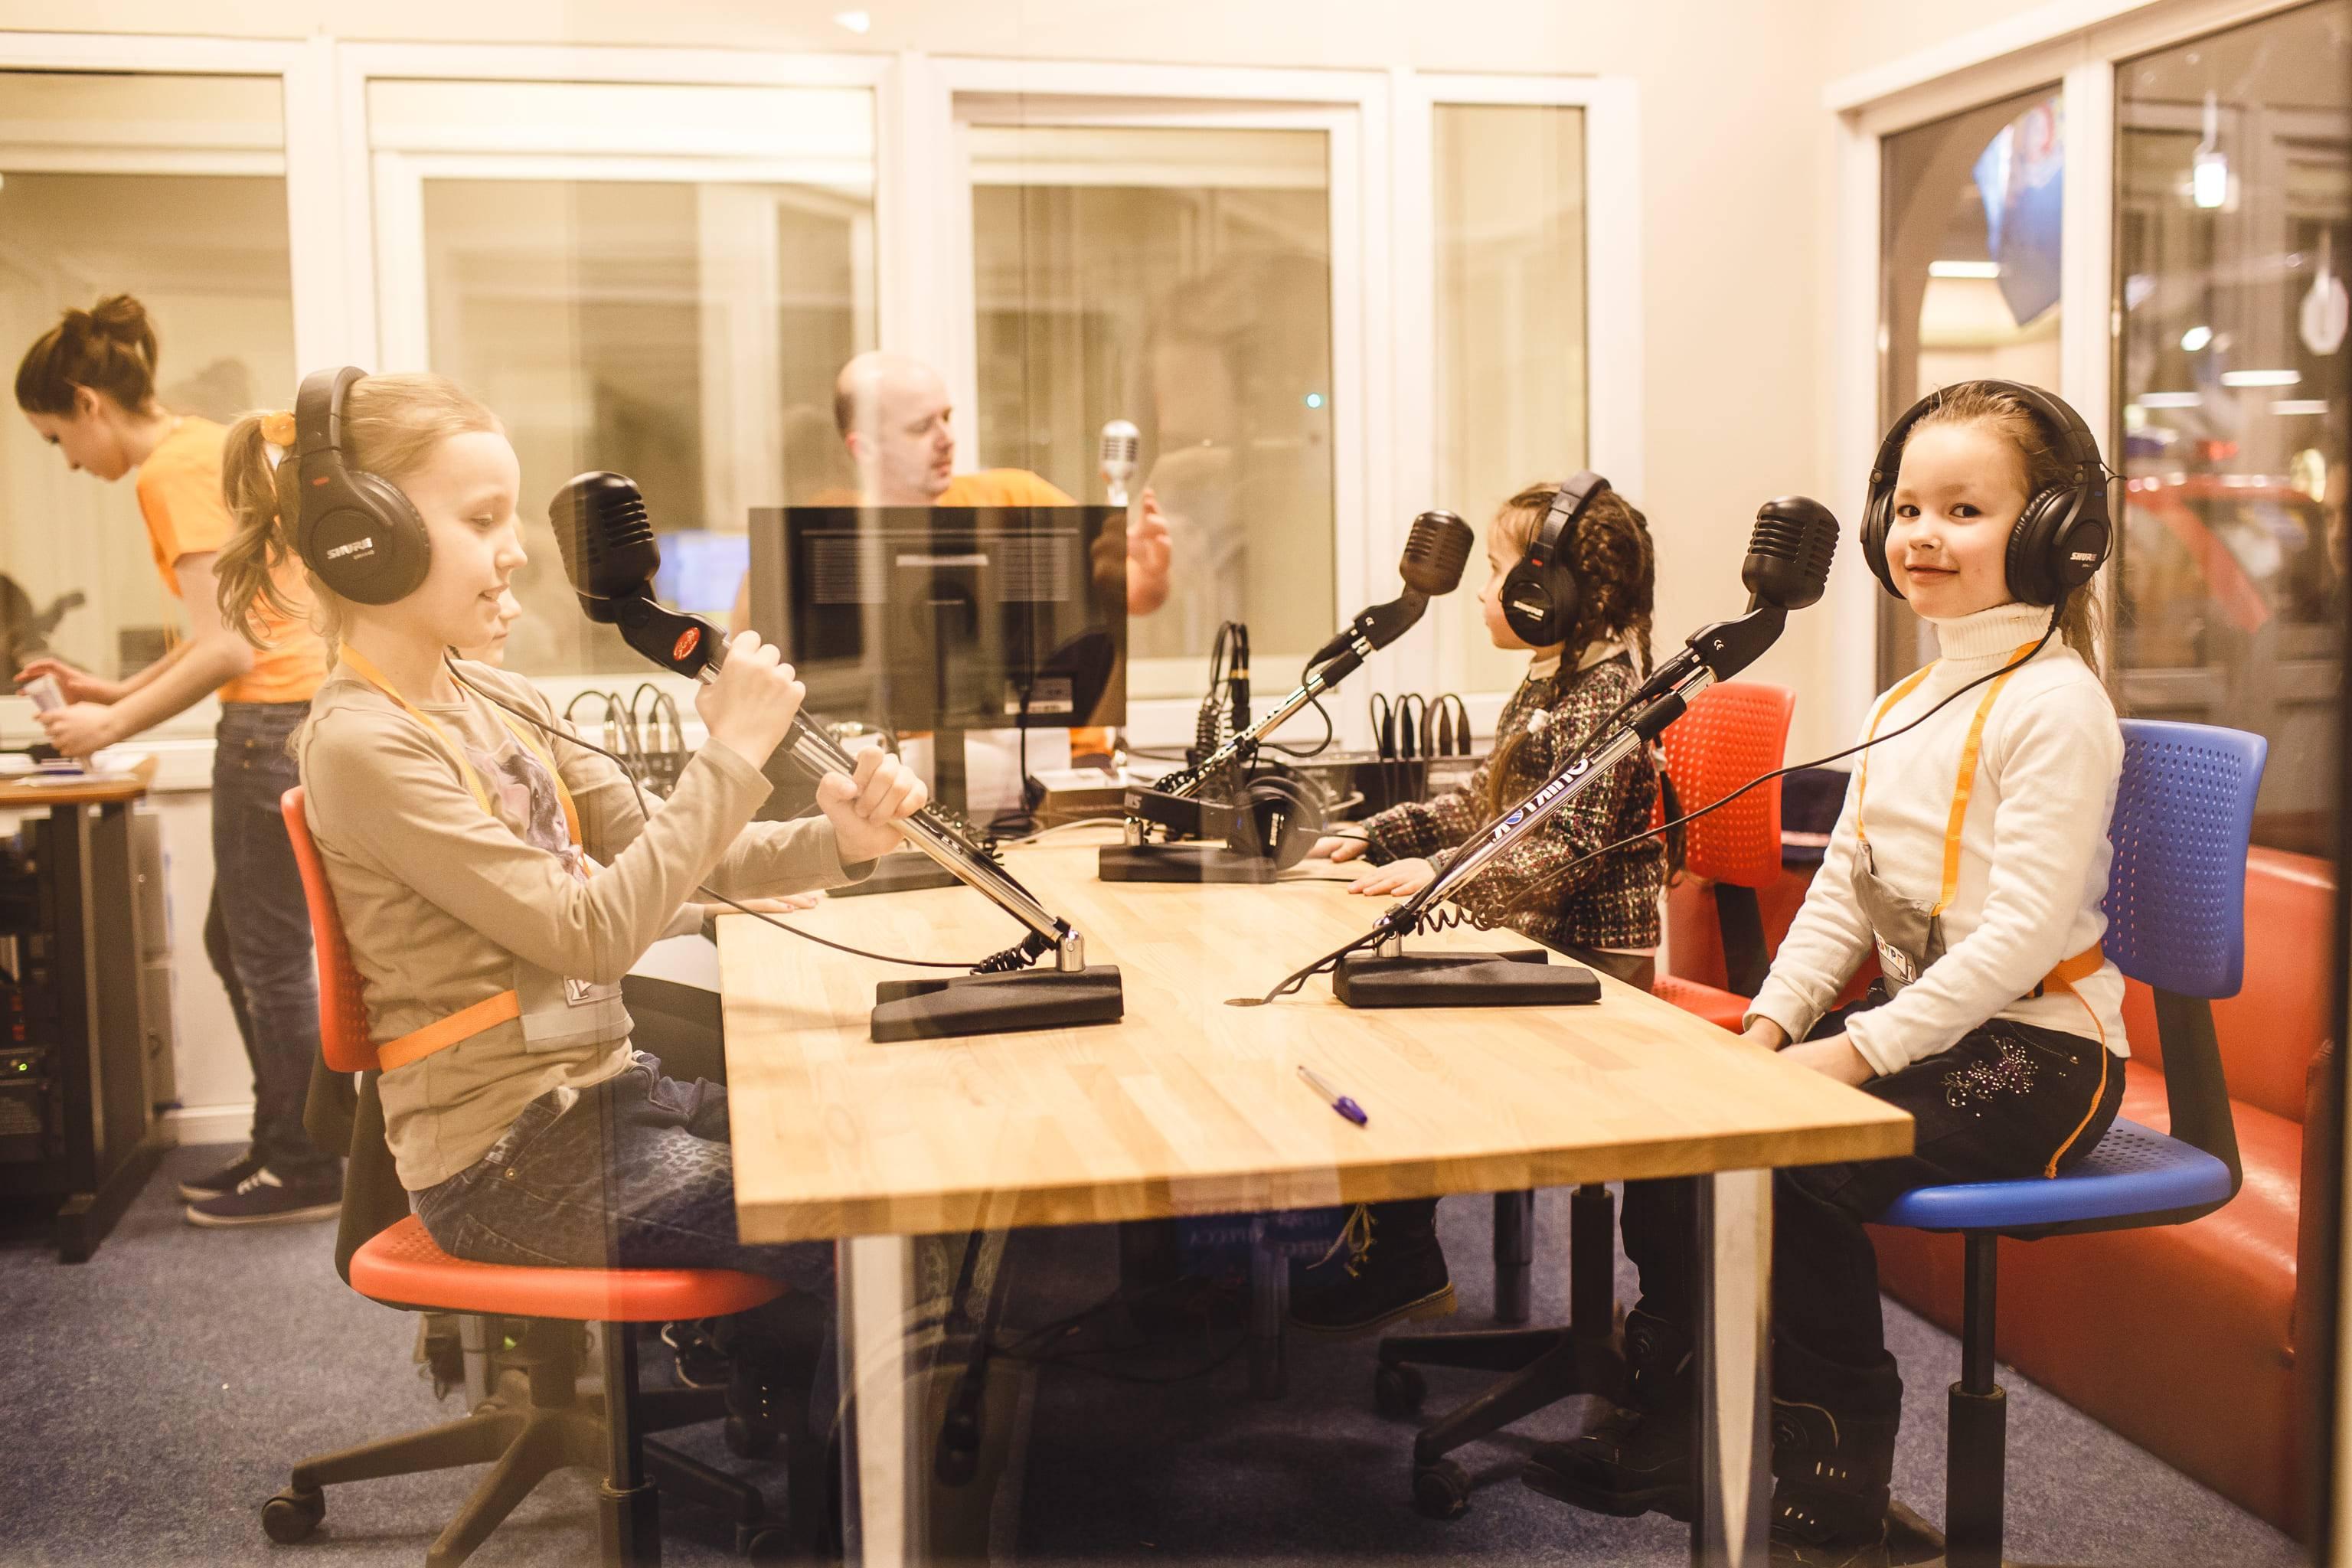 В ЦДМ на Лубянке возобновили работу развлекательные центры - Фото